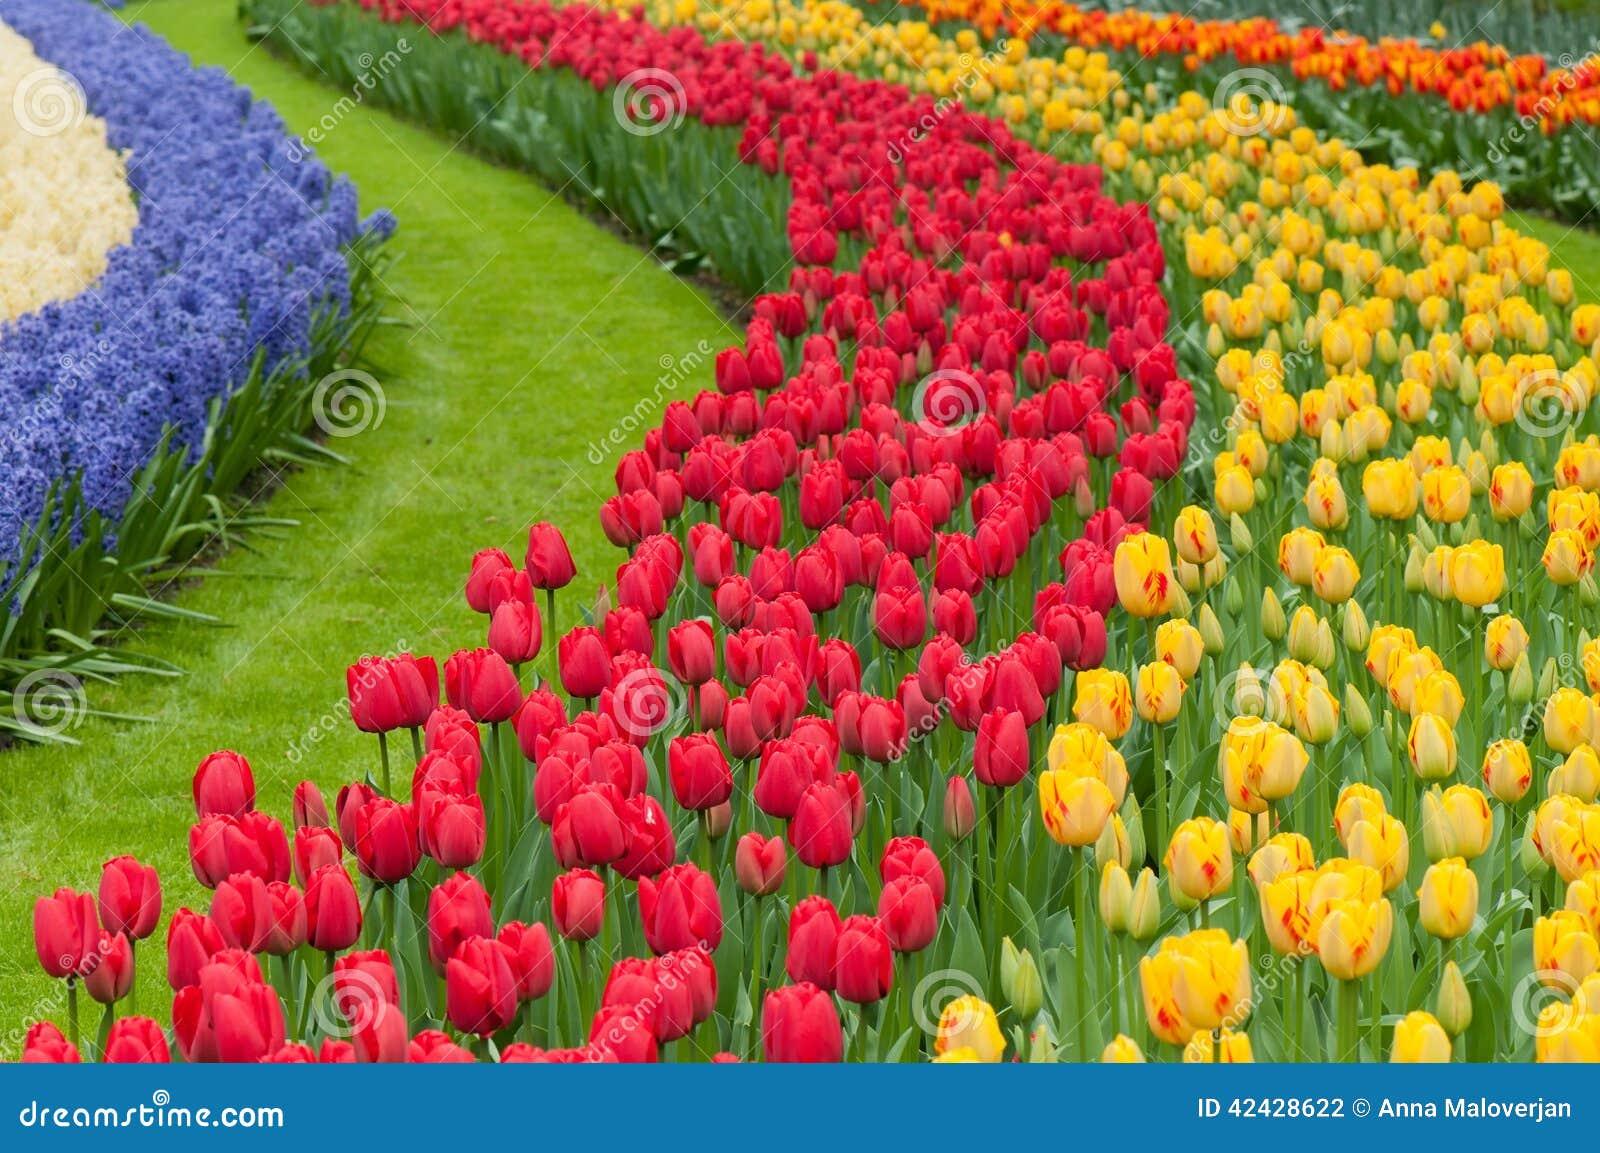 Camas de flor de tulipanes multicolores